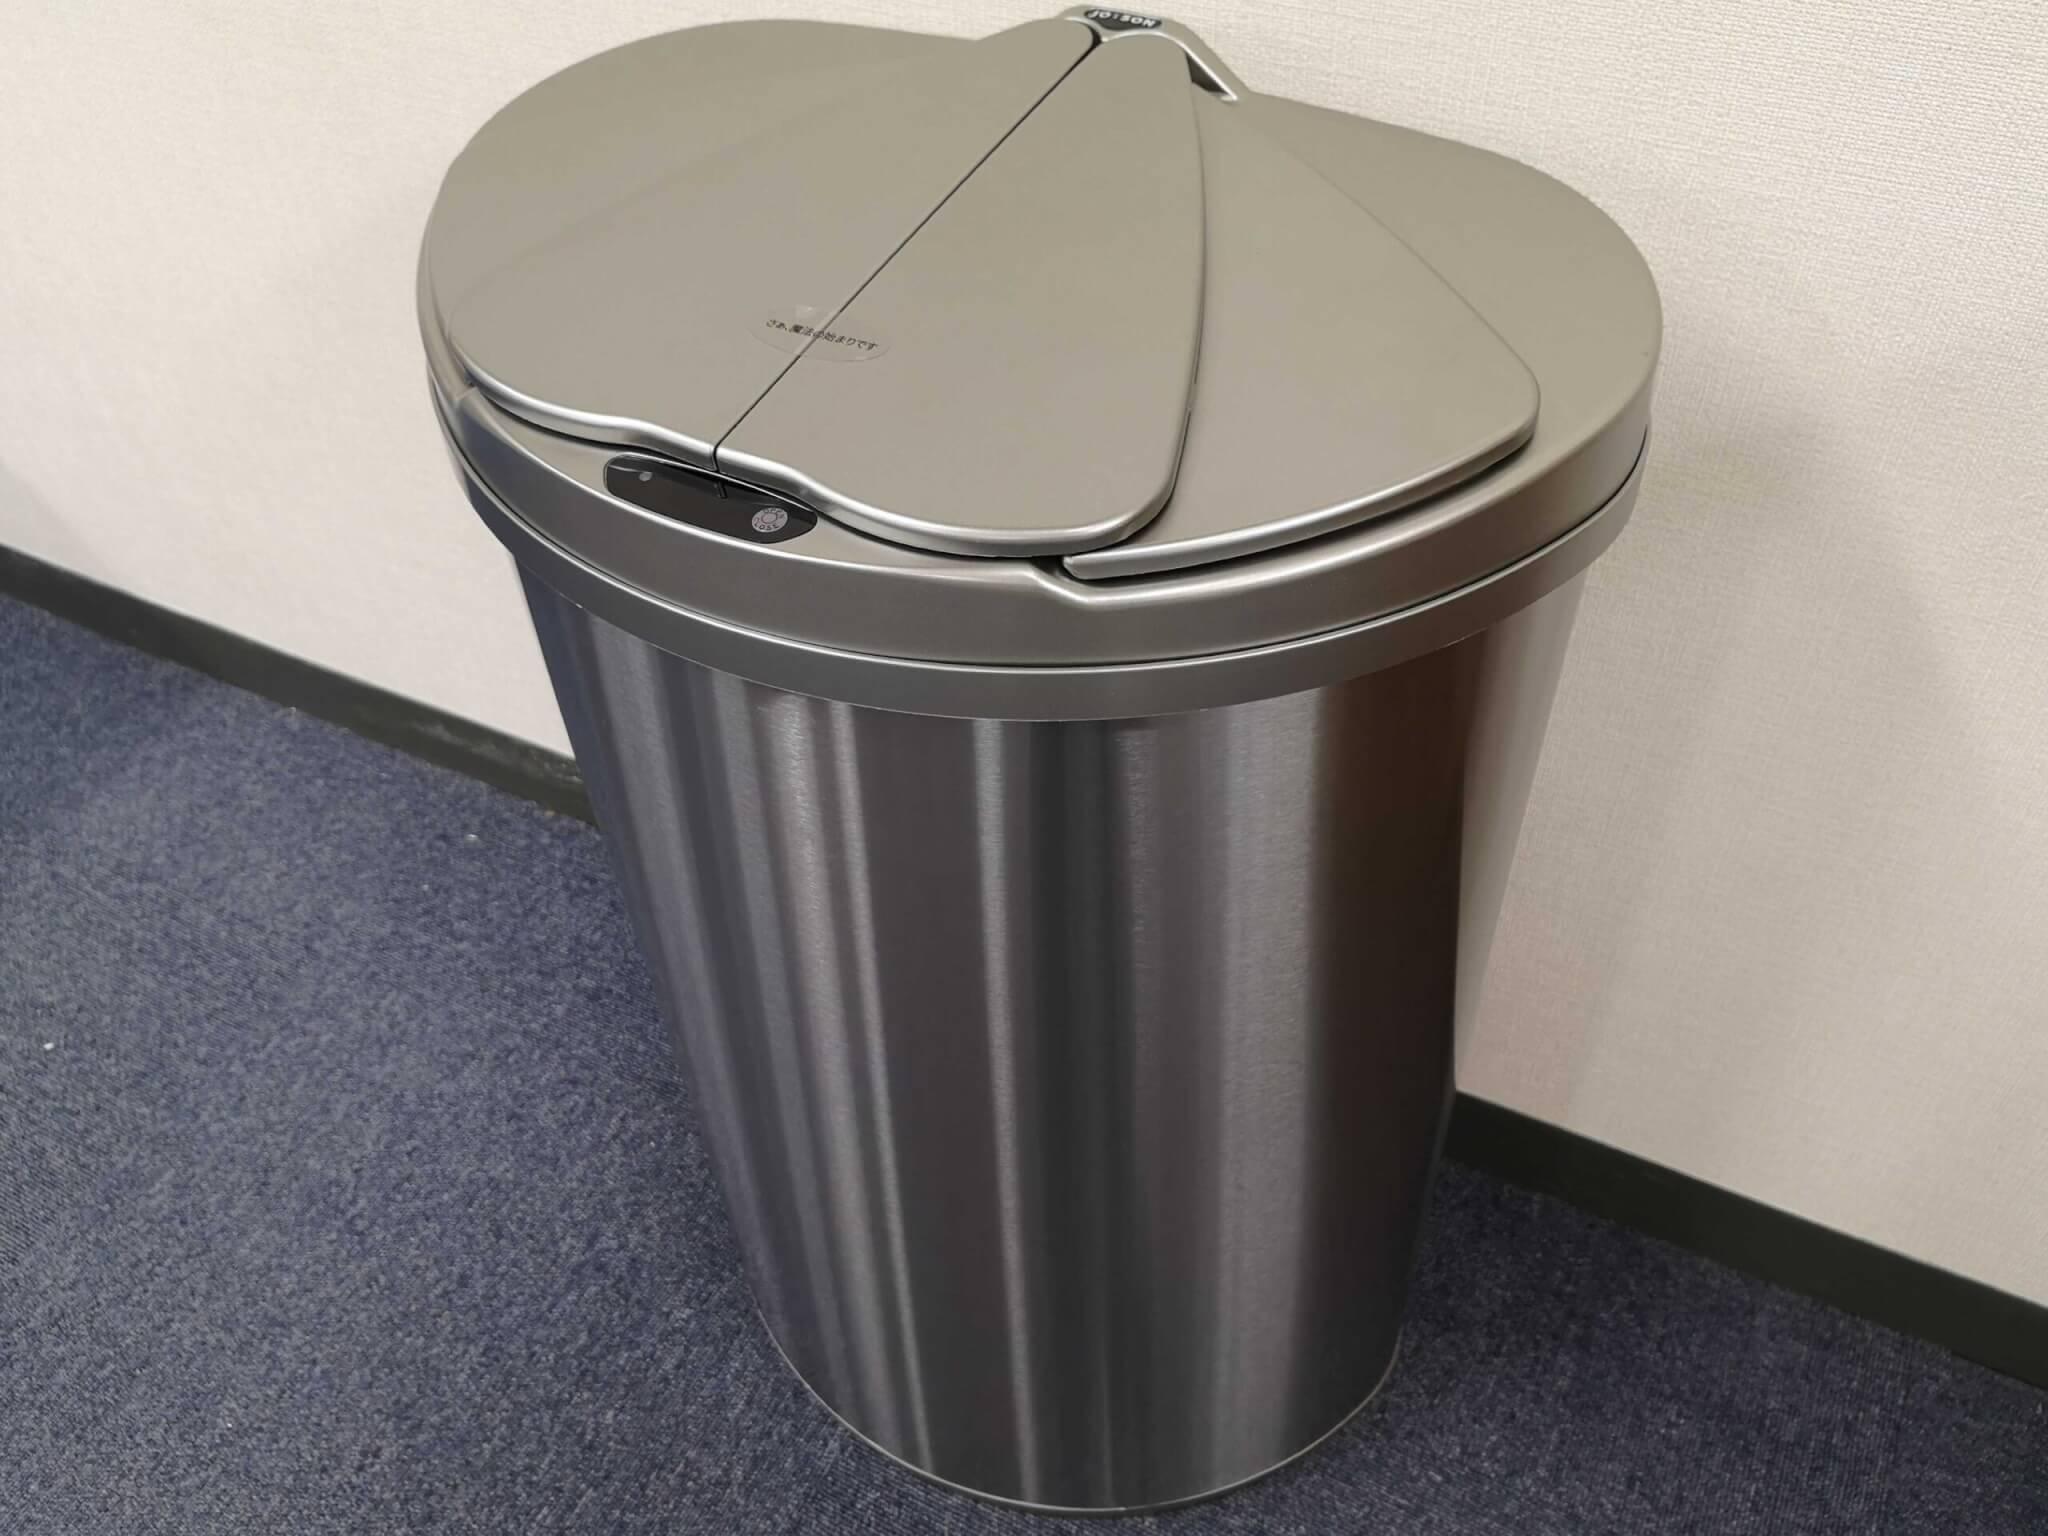 JOBSON(ジョブソン)のセンサー式ゴミ箱 JB03を実機レビュー!一度使うと戻れない賢いゴミ箱